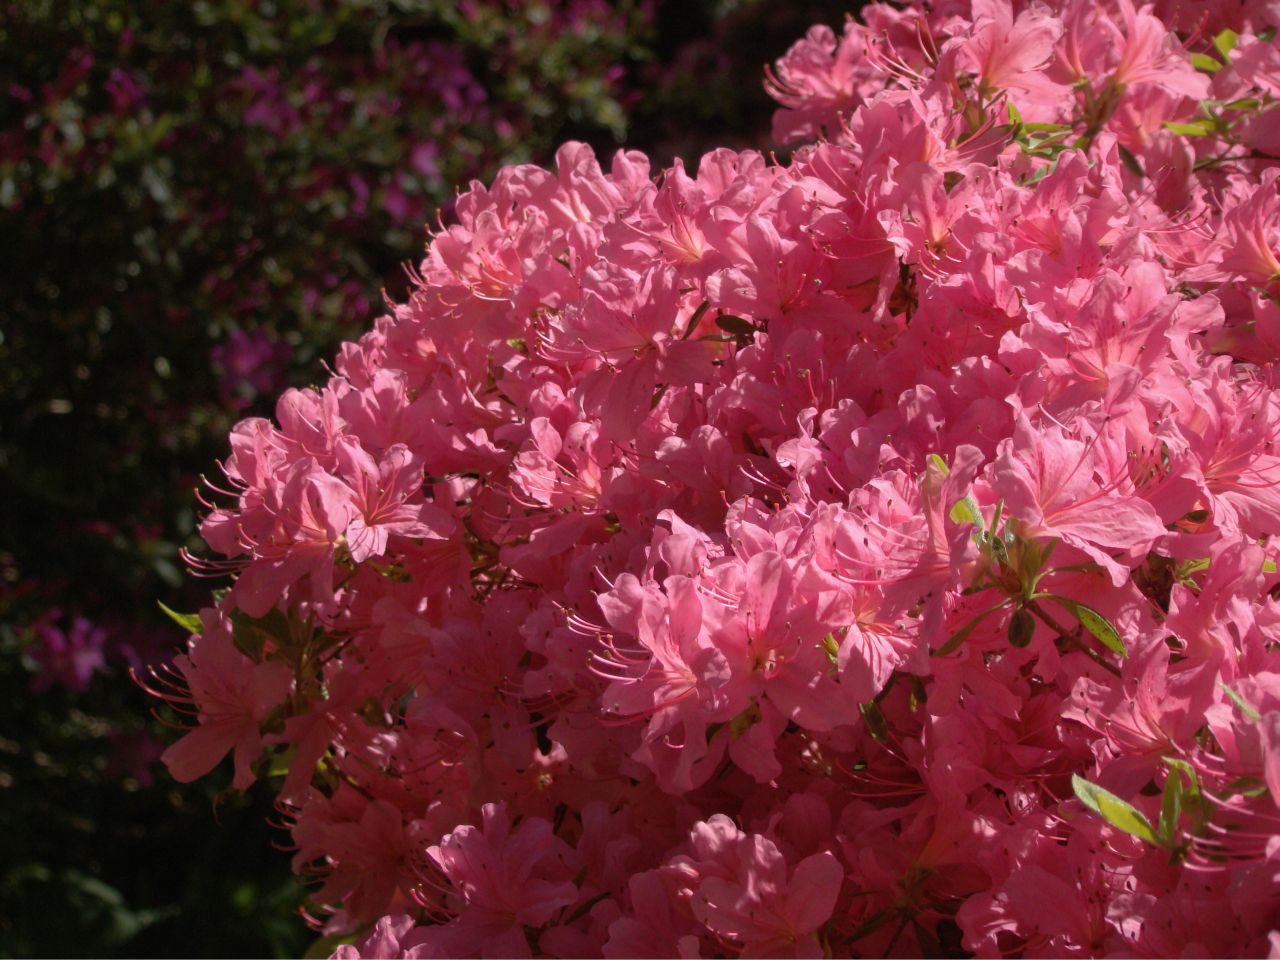 花|ロンドンのリッチモンド・パークにて|2018年5月5日撮影